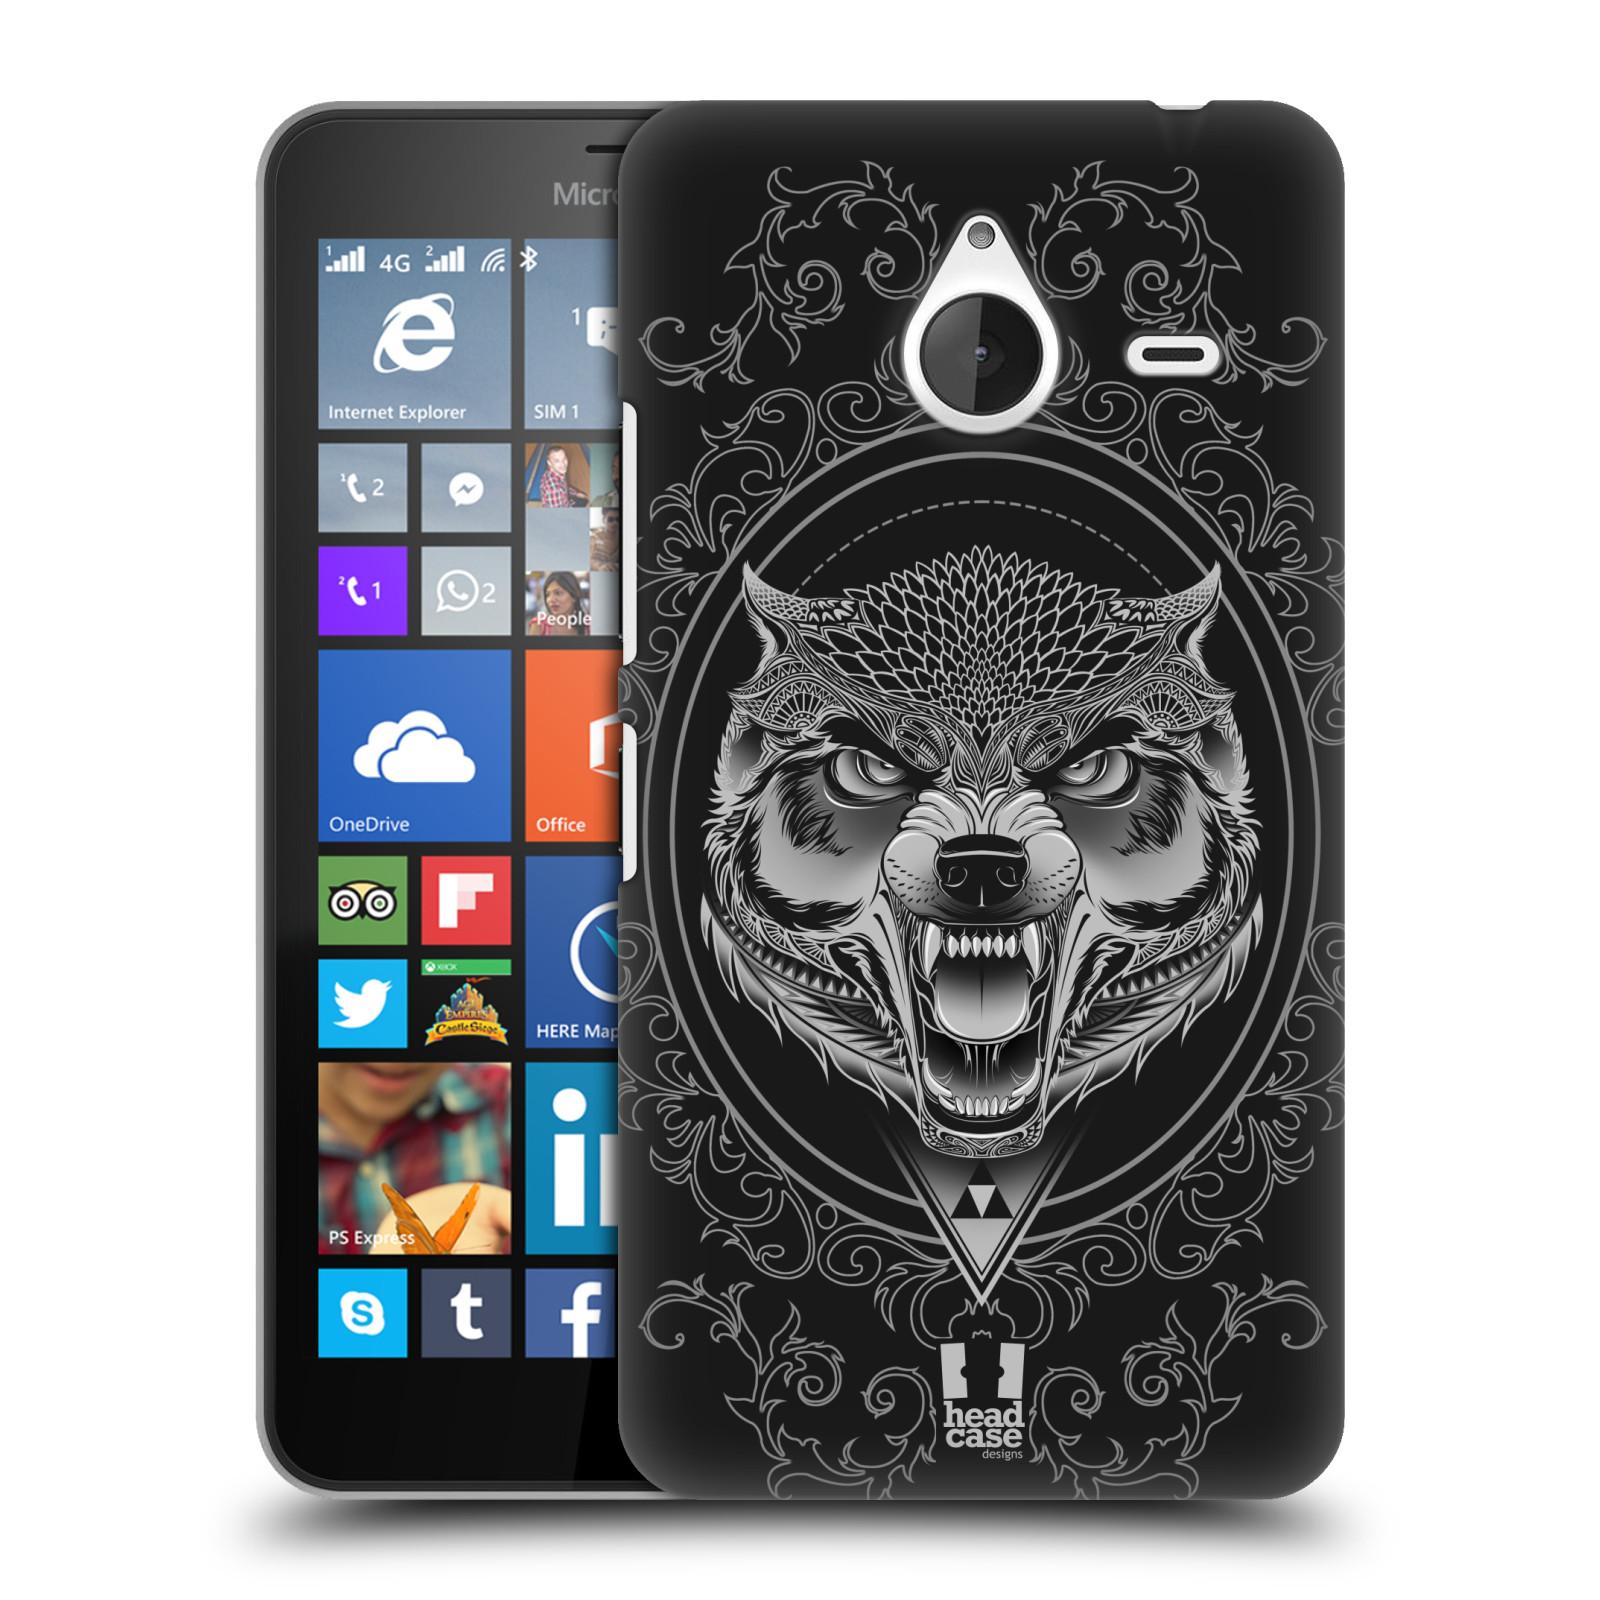 Plastové pouzdro na mobil Microsoft Lumia 640 XL - Head Case - Krutý vlk (Plastový kryt či obal na mobilní telefon s krutým motivem pro Microsoft Lumia 640 XL)